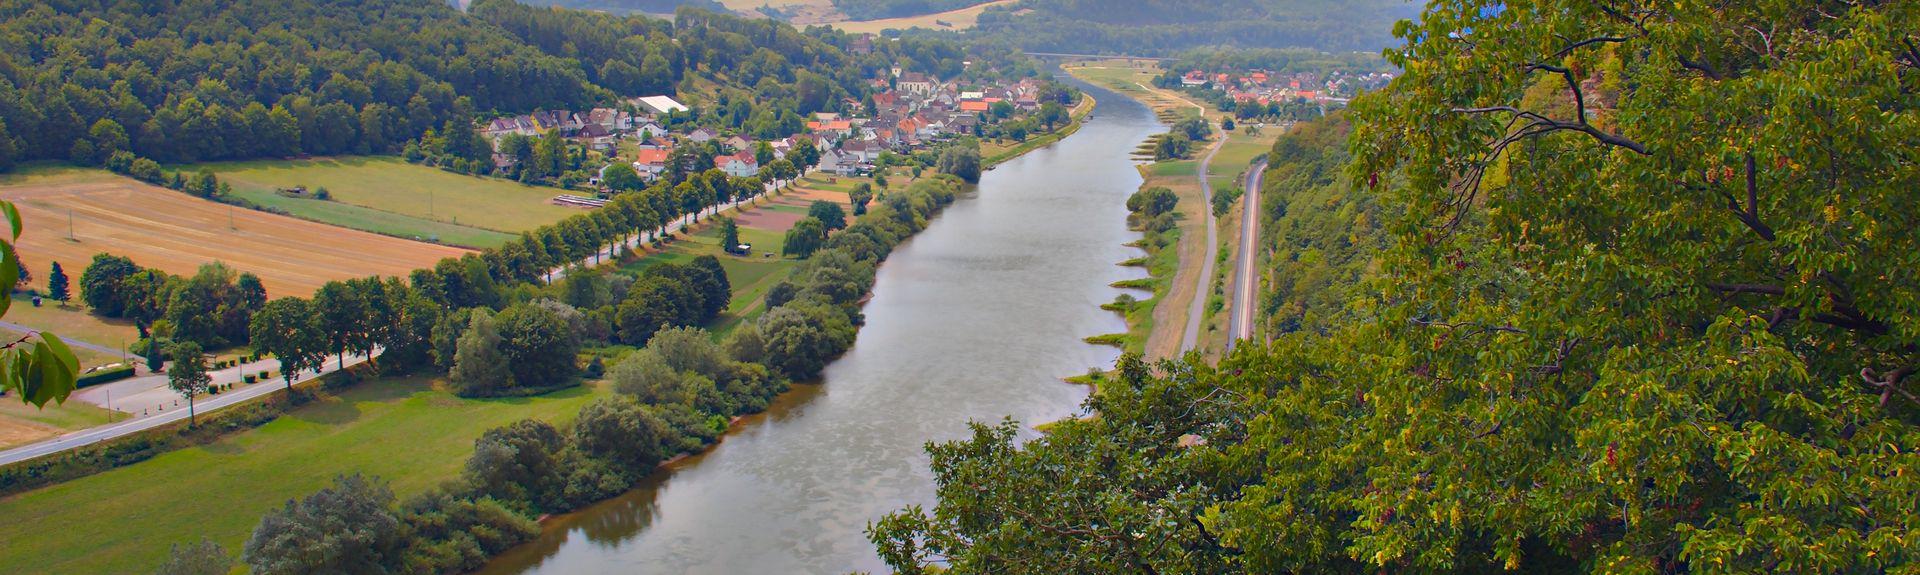 Bad Karlshafen, Hessen, Deutschland